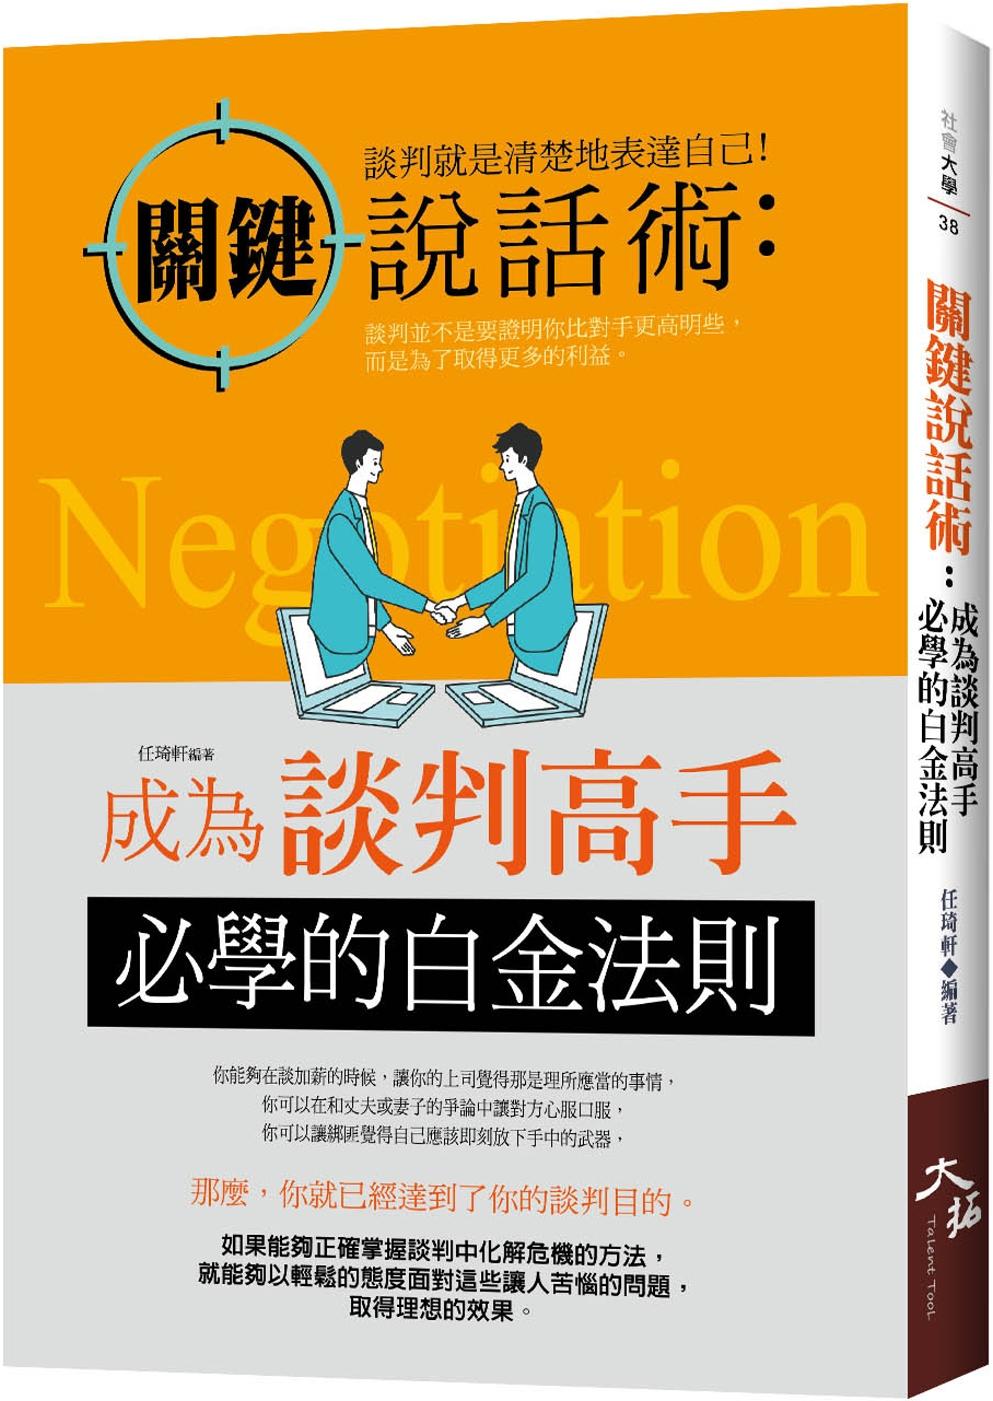 關鍵說話術:成為談判高手必學的...